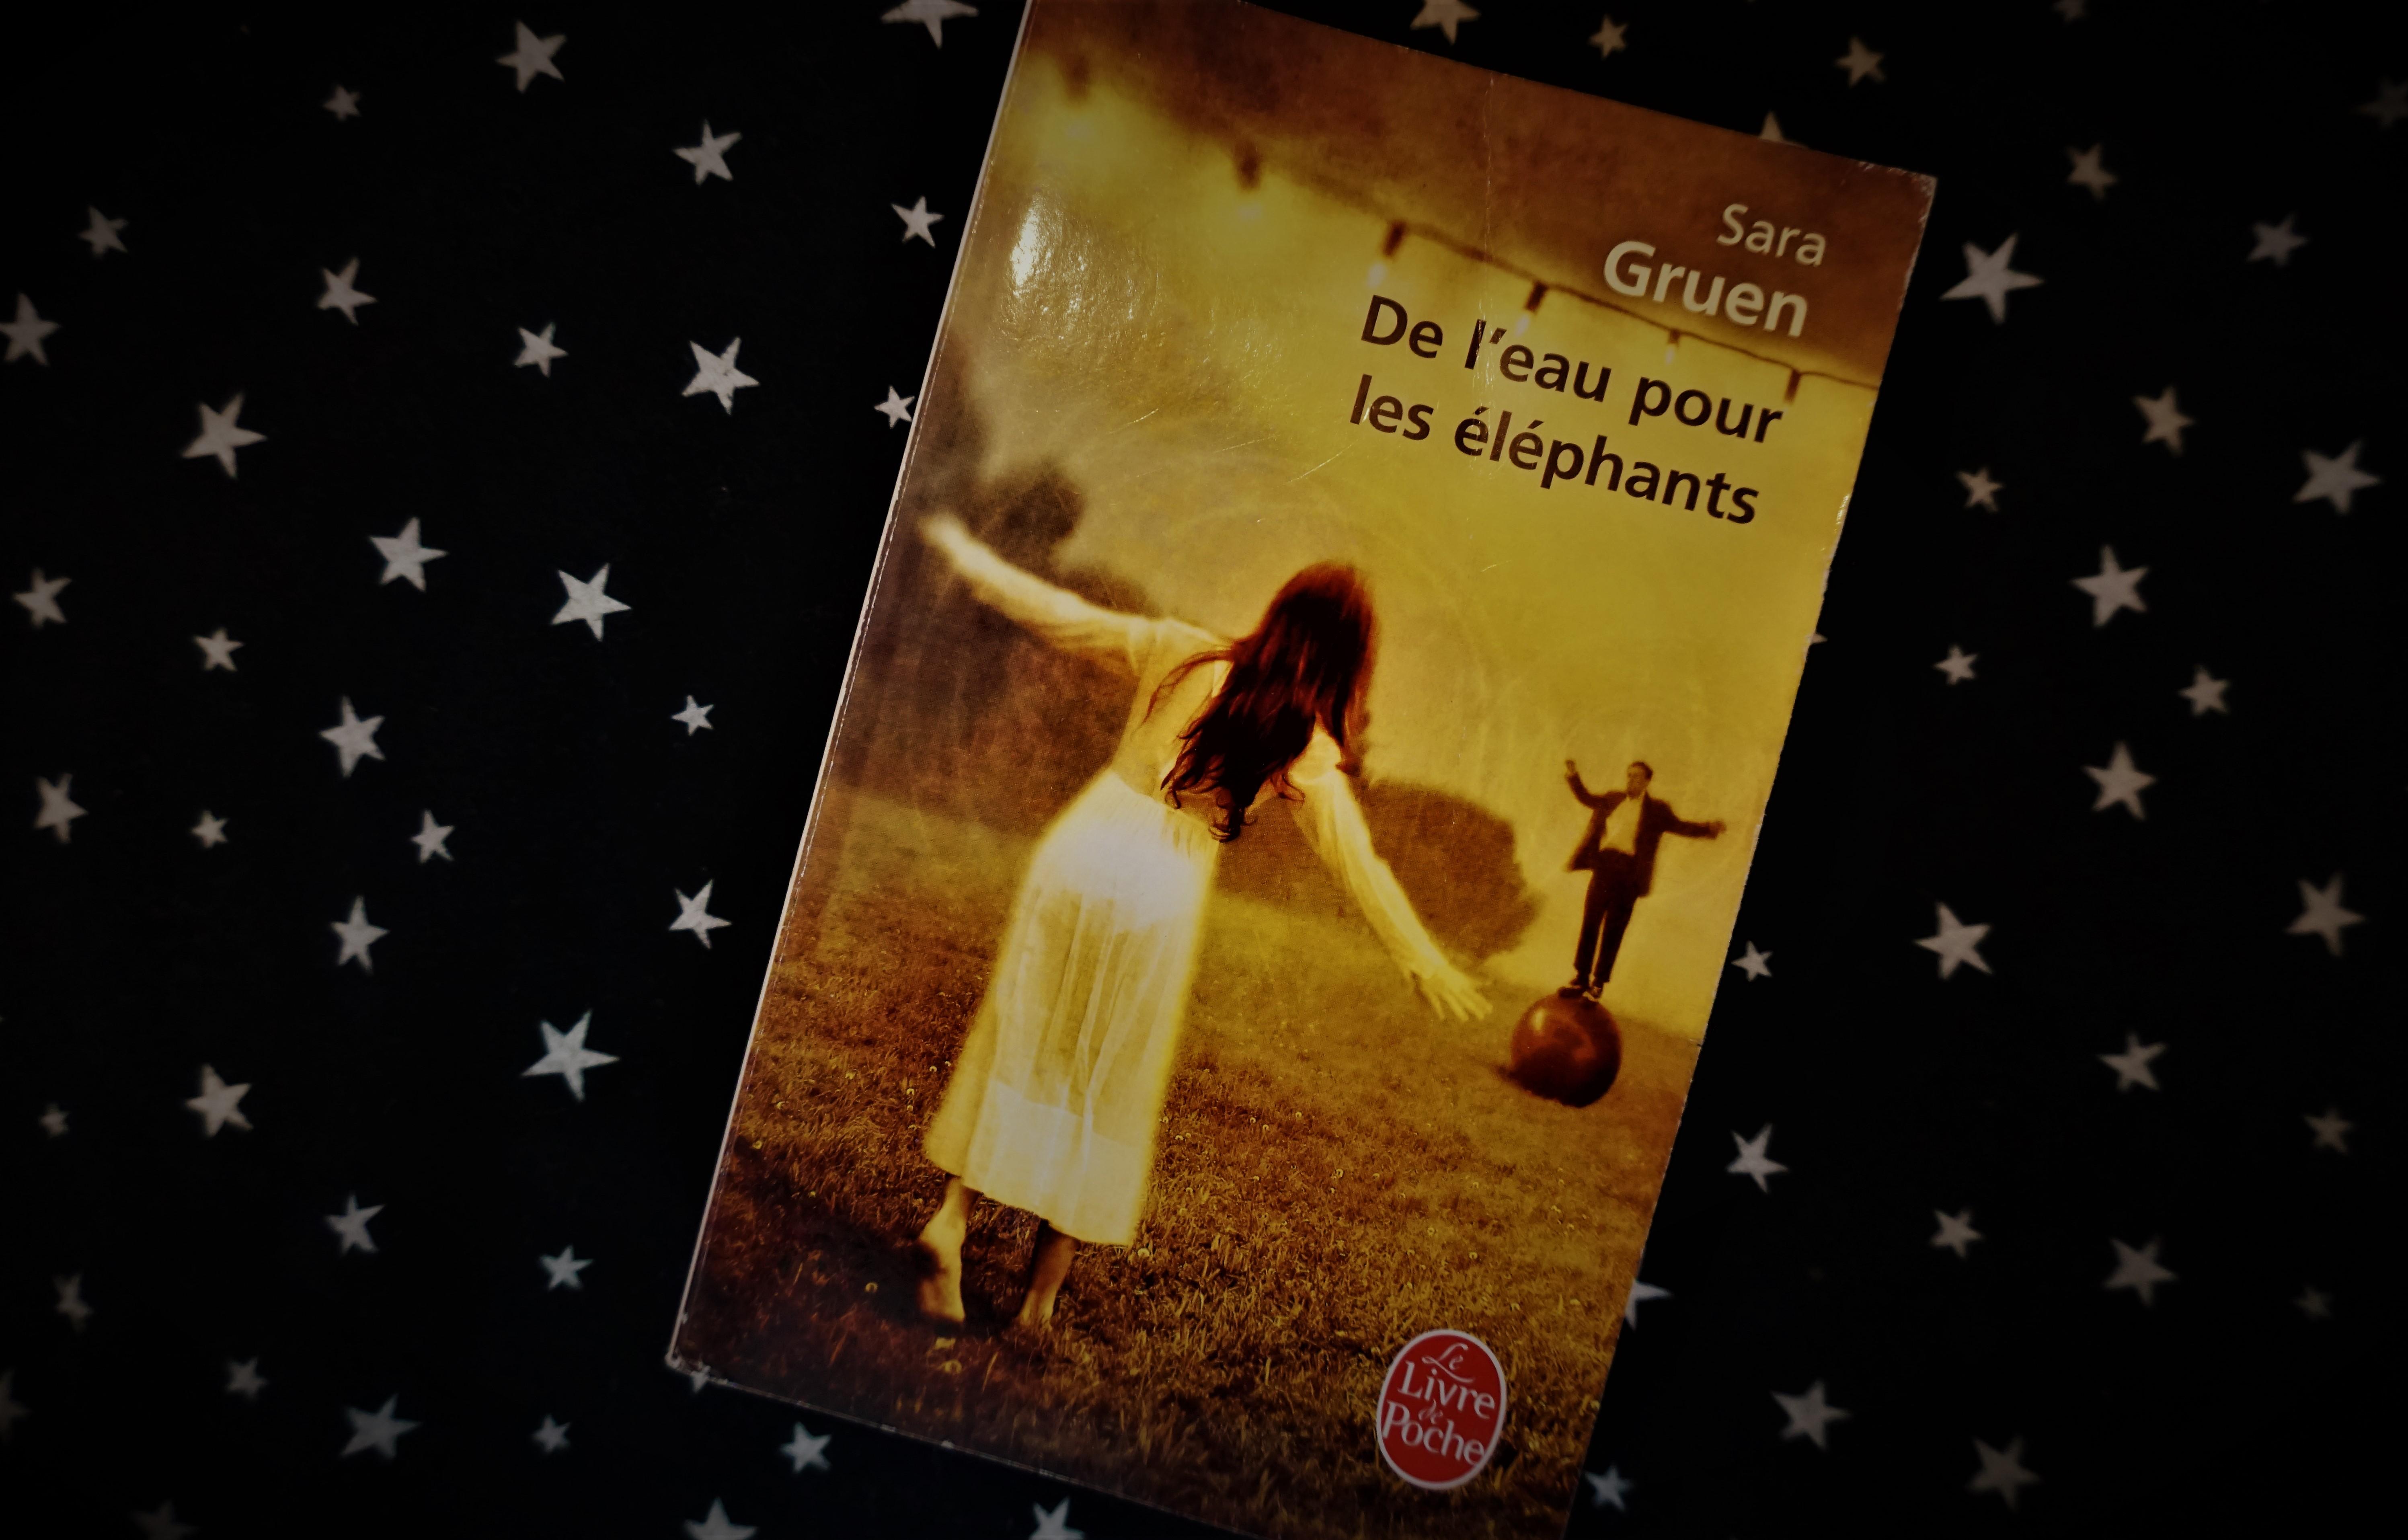 De l'eau pour les éléphants Sara Gruen Le livre de poche LDP cirque historique roman littérature canadienne violence injustice amour romance Le fil rouge livre lecture